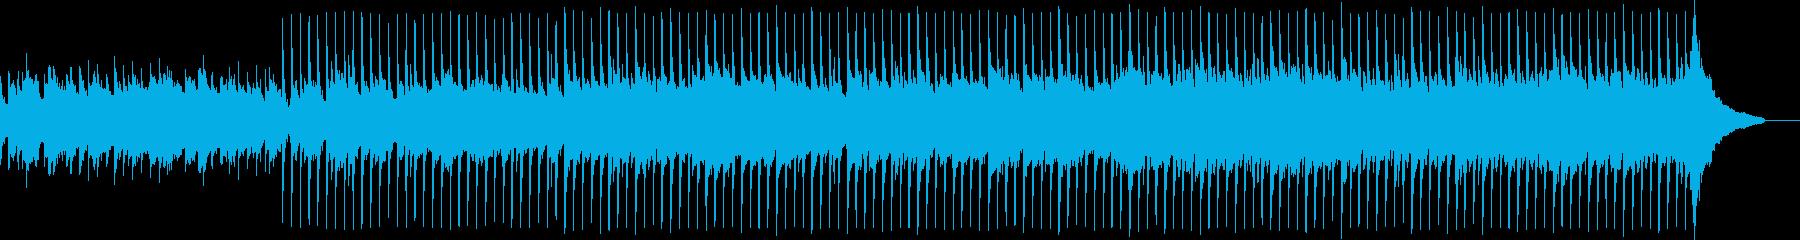 企業VP系88、爽やか、アコギ、穏やかbの再生済みの波形